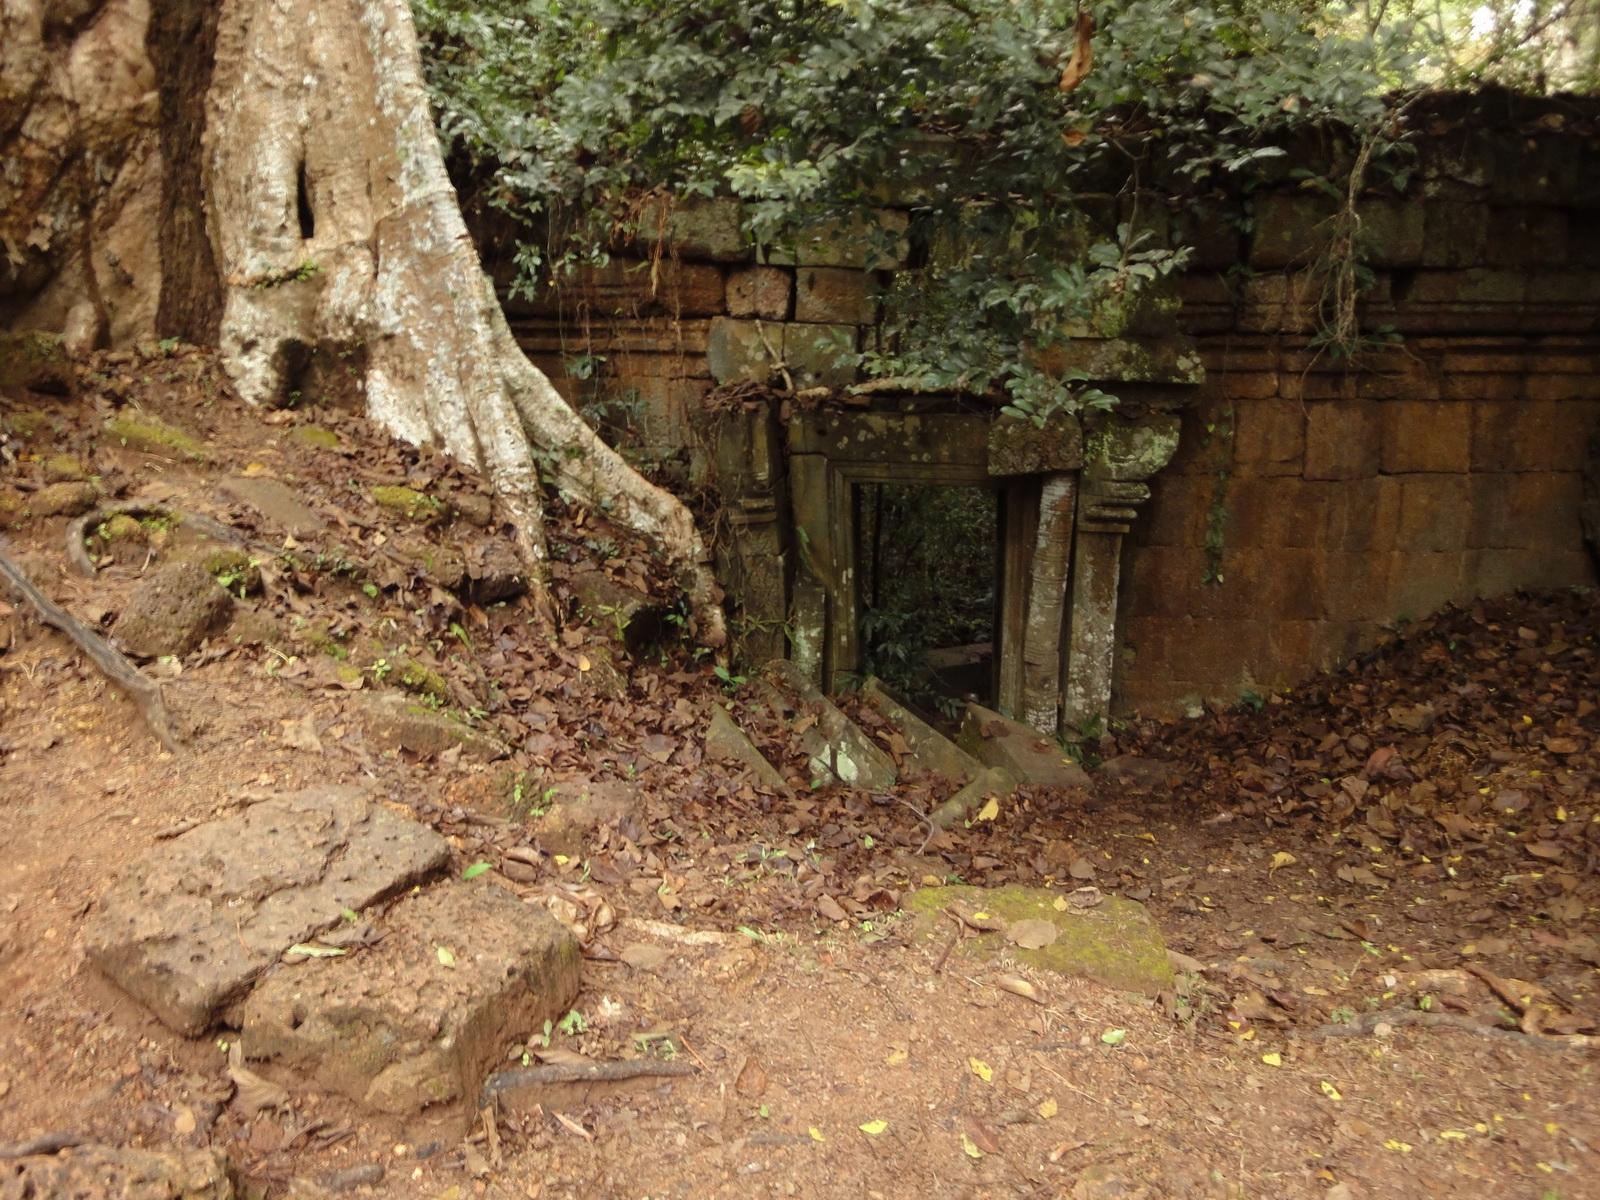 Royal Palace giant trees Angkor Cambodia Jan 2010 03